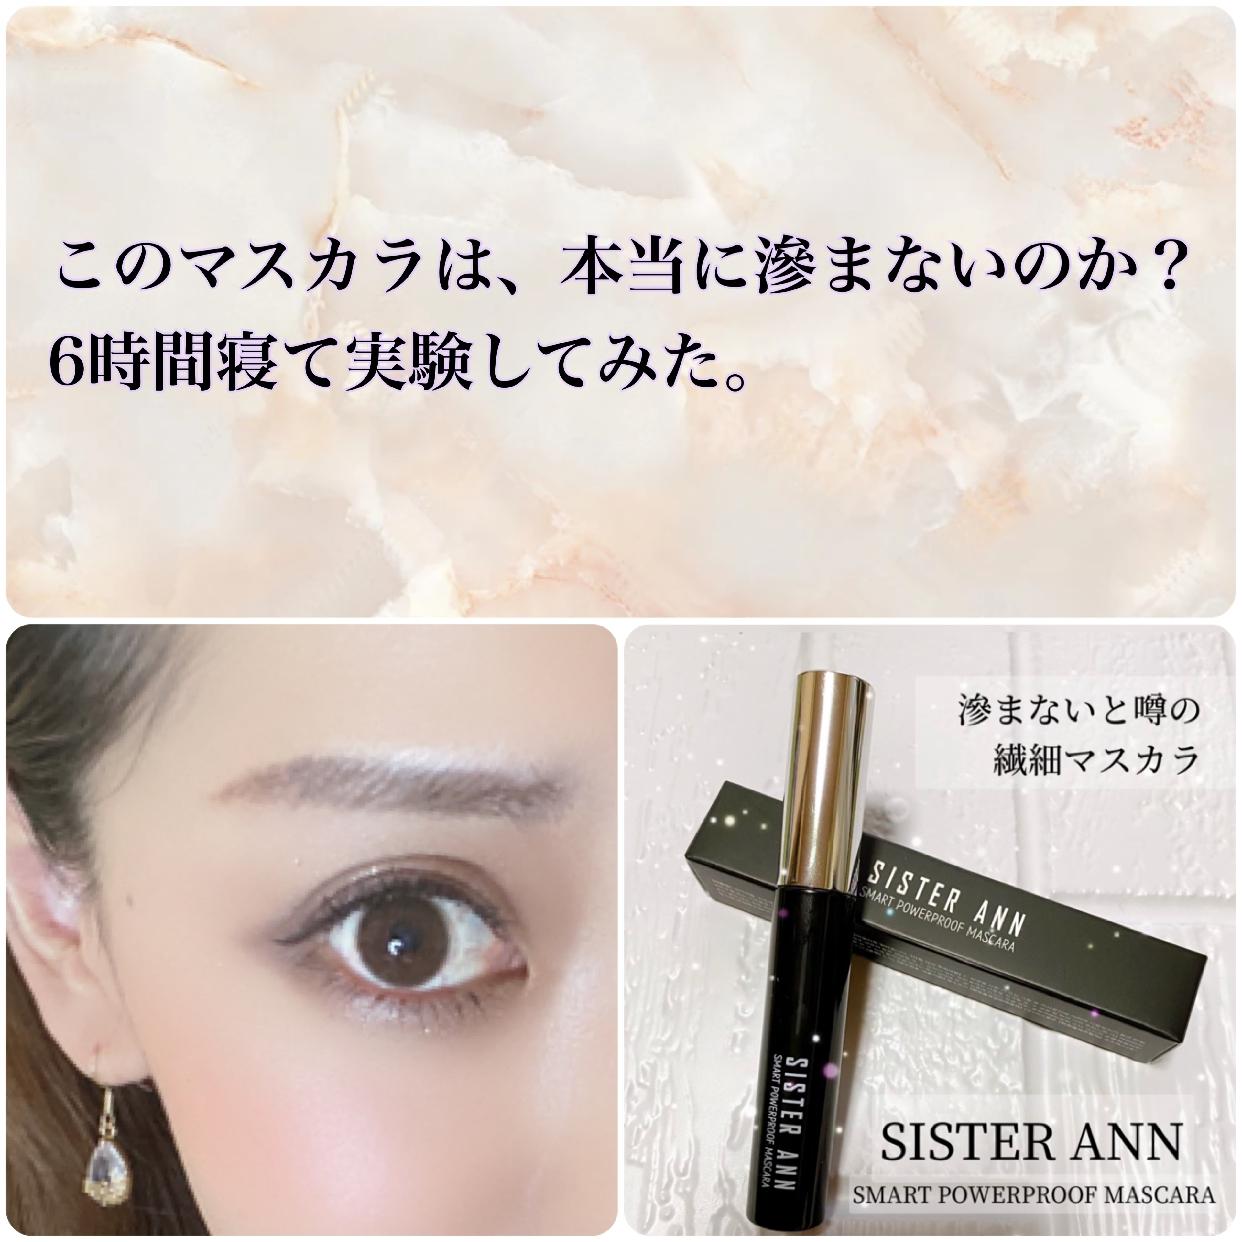 SISTER ANN(シスターアン)スマートパワープルーフマスカラを使った siratamaさんのクチコミ画像